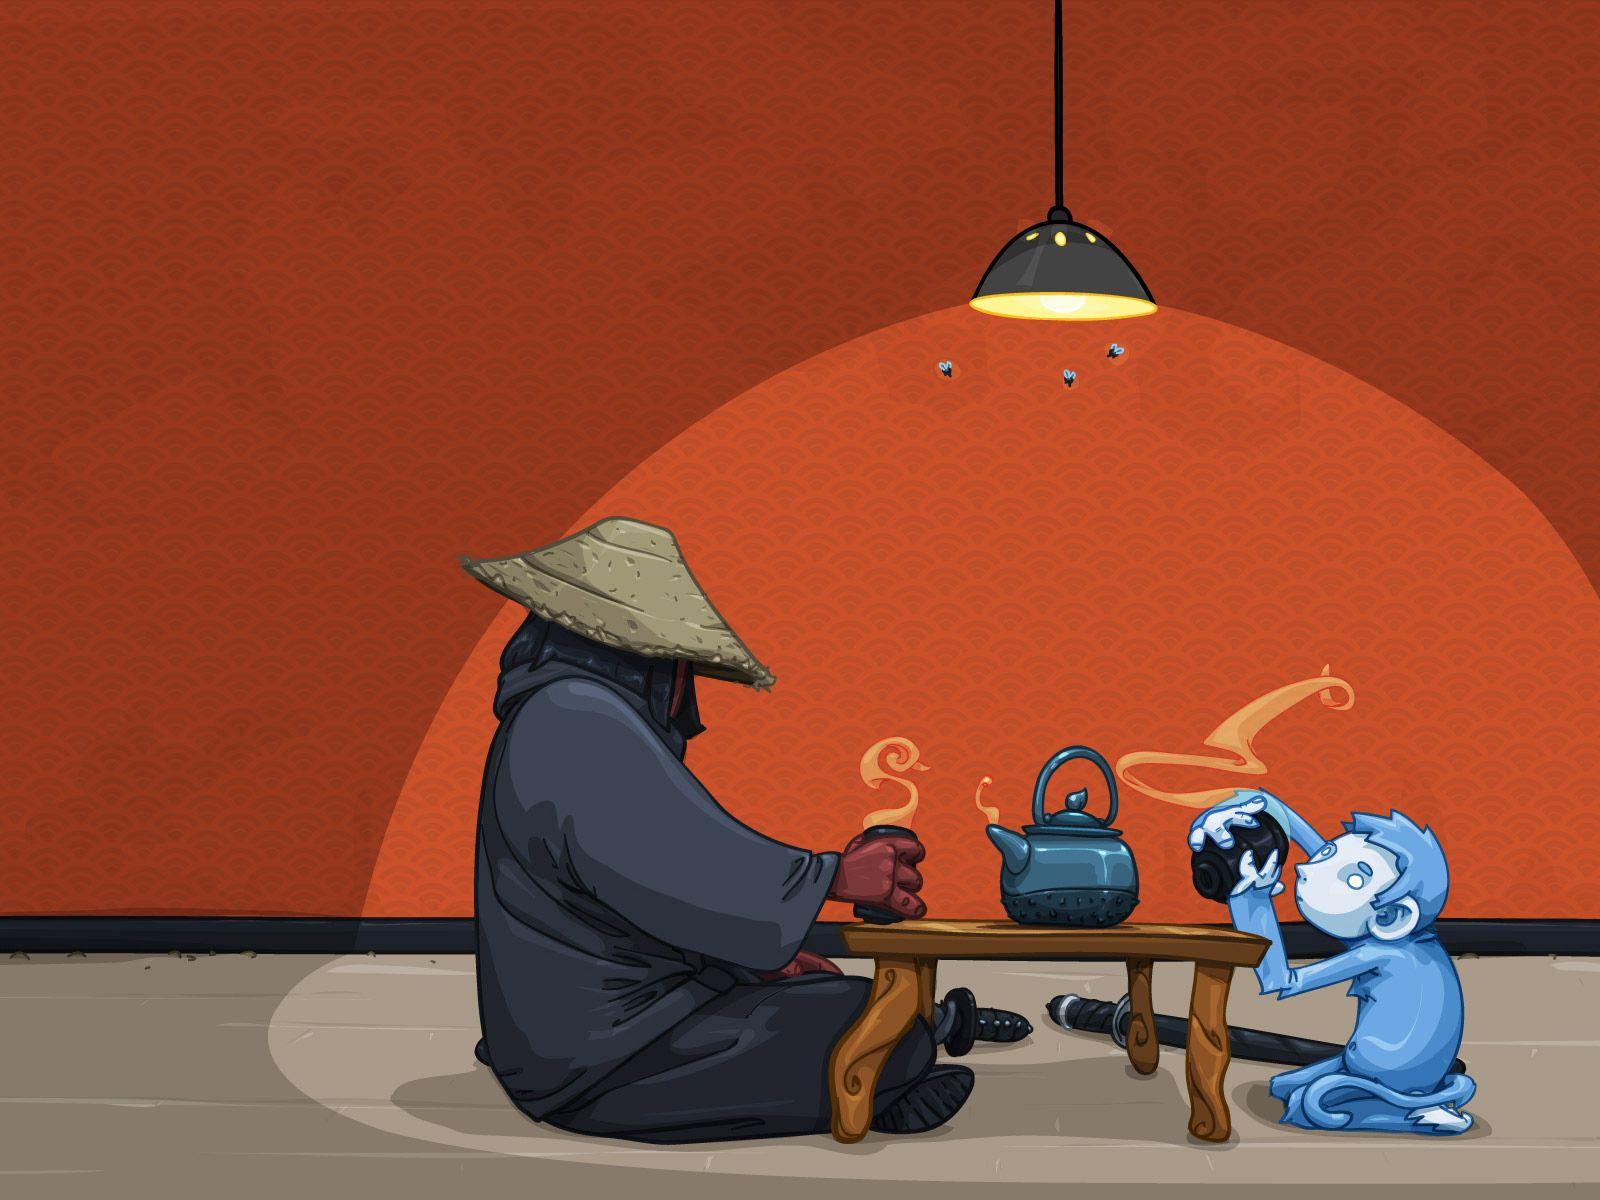 136913 скачать обои Арт, Чаепитие, Люди, Стол, Китай - заставки и картинки бесплатно